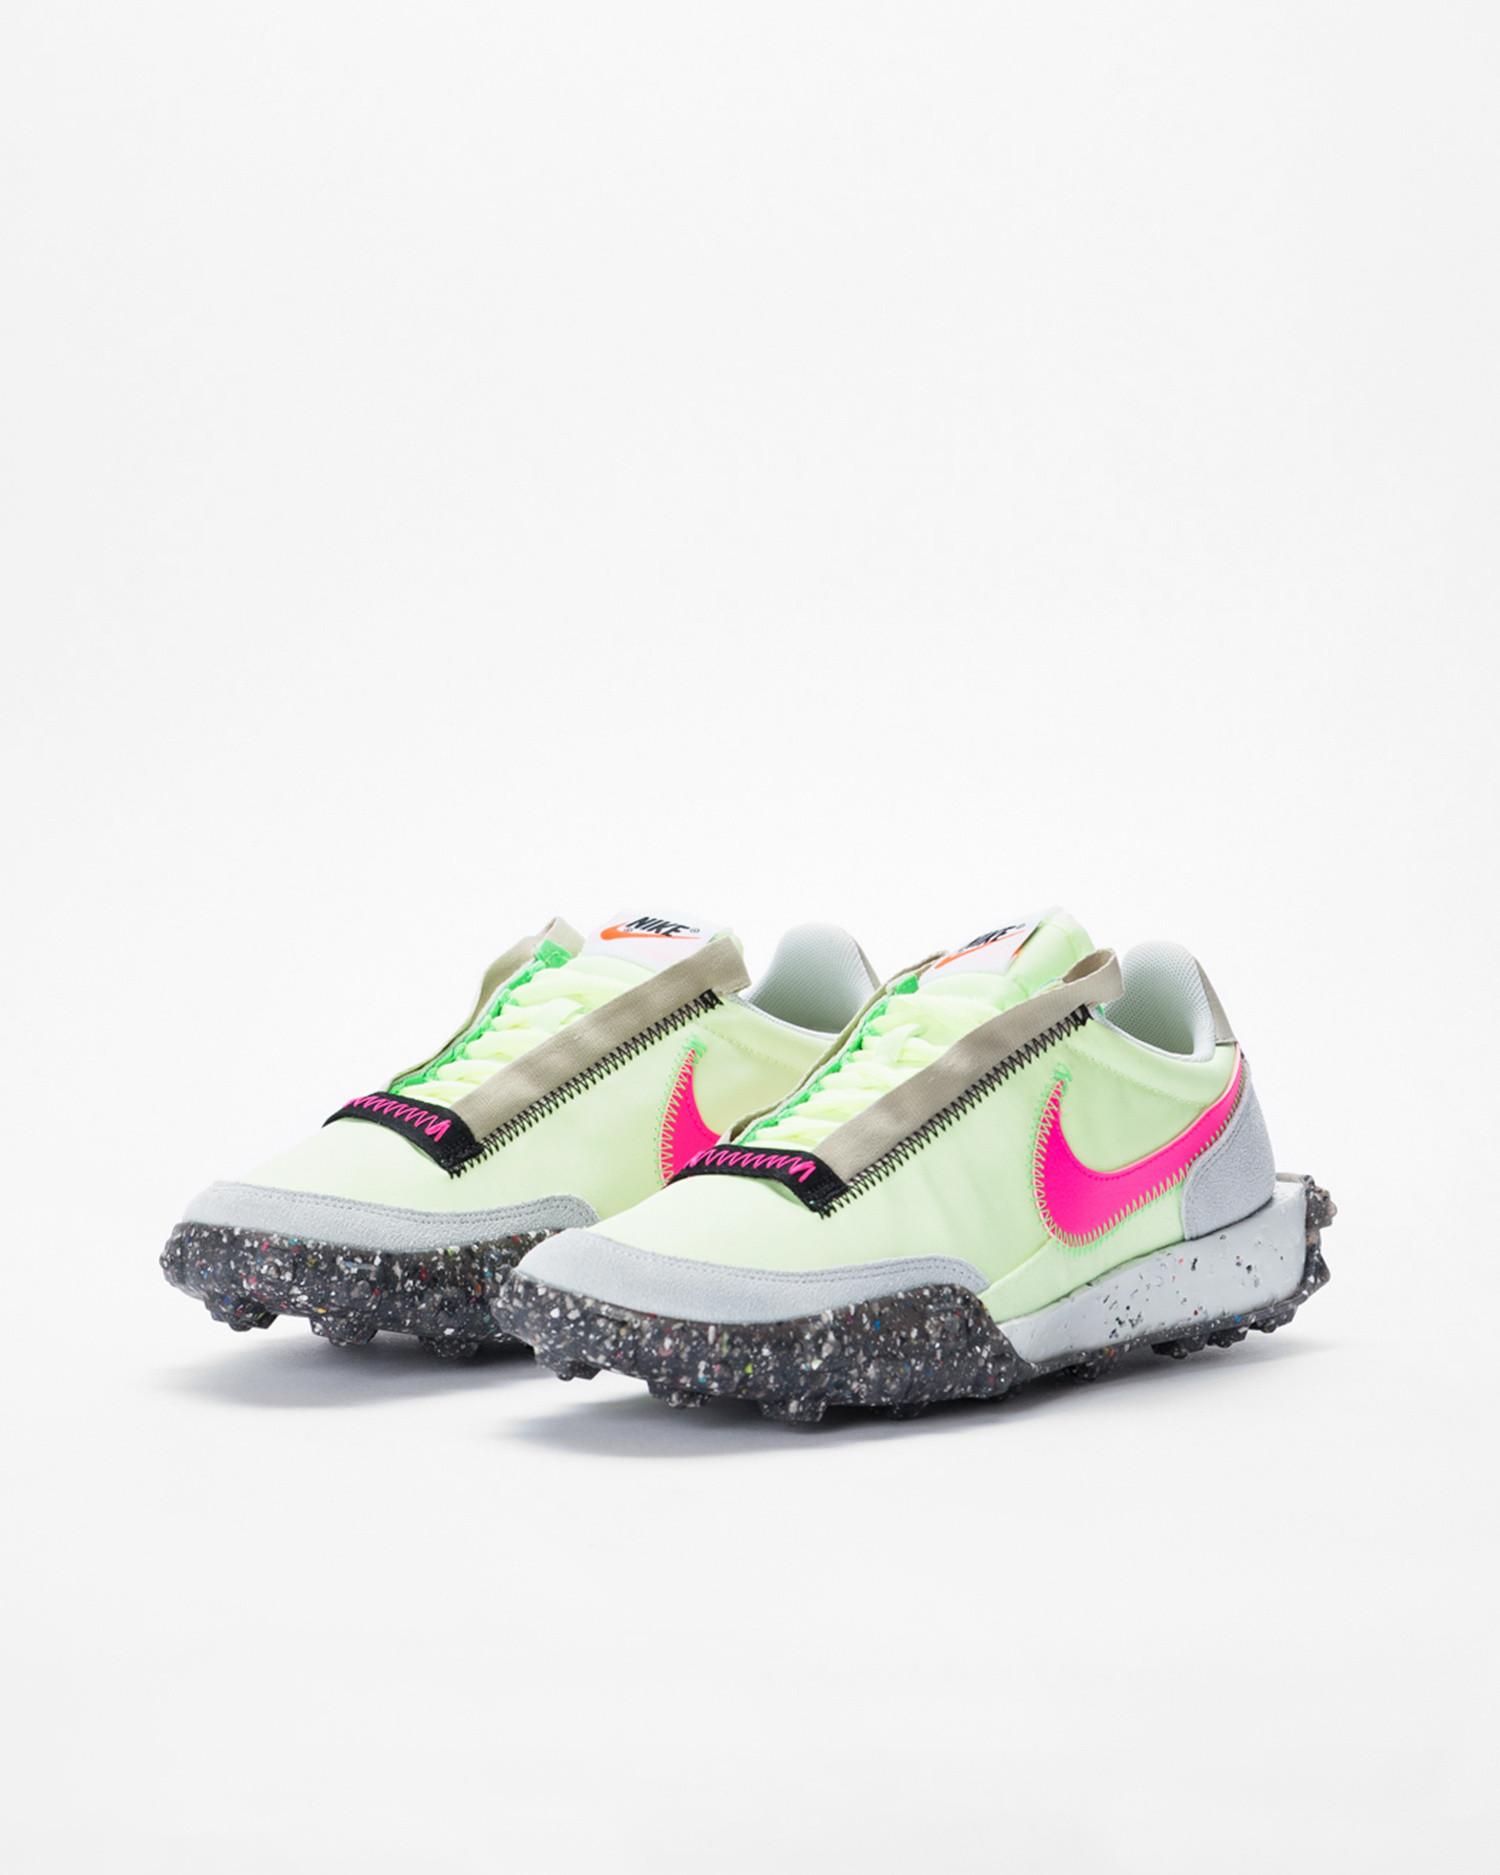 Nike Waffle Racer volt/pink/black